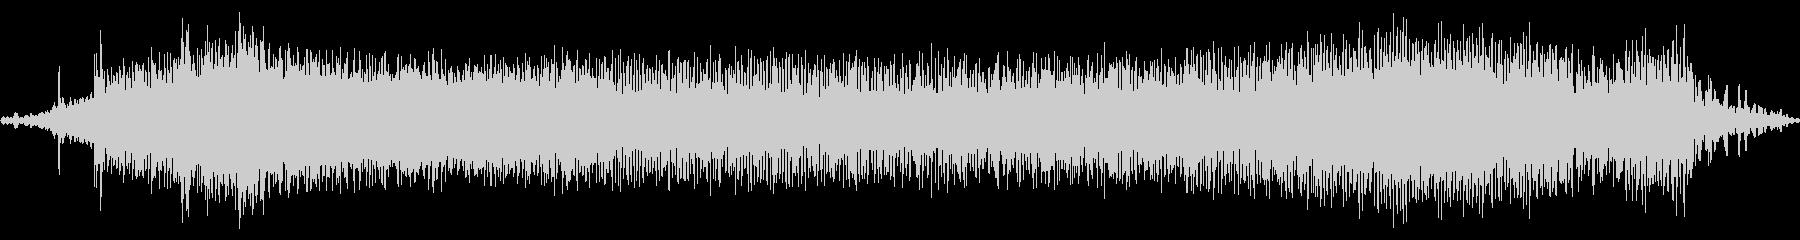 ロボットハイドロアームレッグ、サー...の未再生の波形